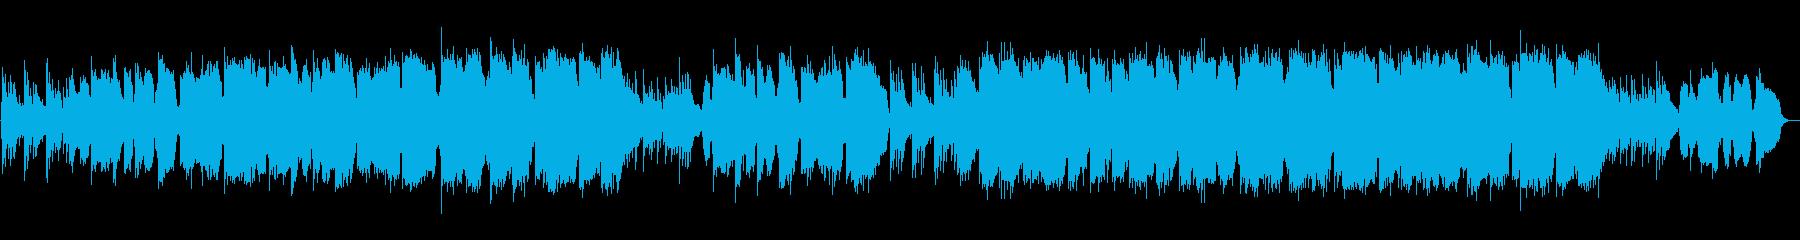 和風 のびやかな感動バラード 篠笛生演奏の再生済みの波形